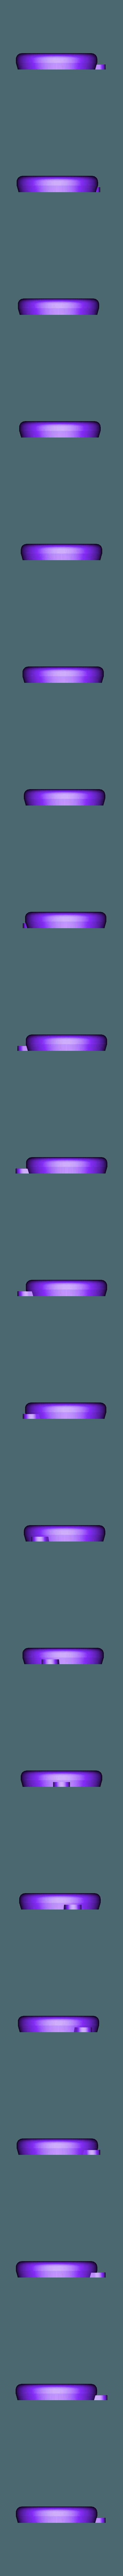 bag_holder_paw_print.STL Download free STL file Multi-Color Dog Poop Bag Dispenser • 3D print template, MosaicManufacturing